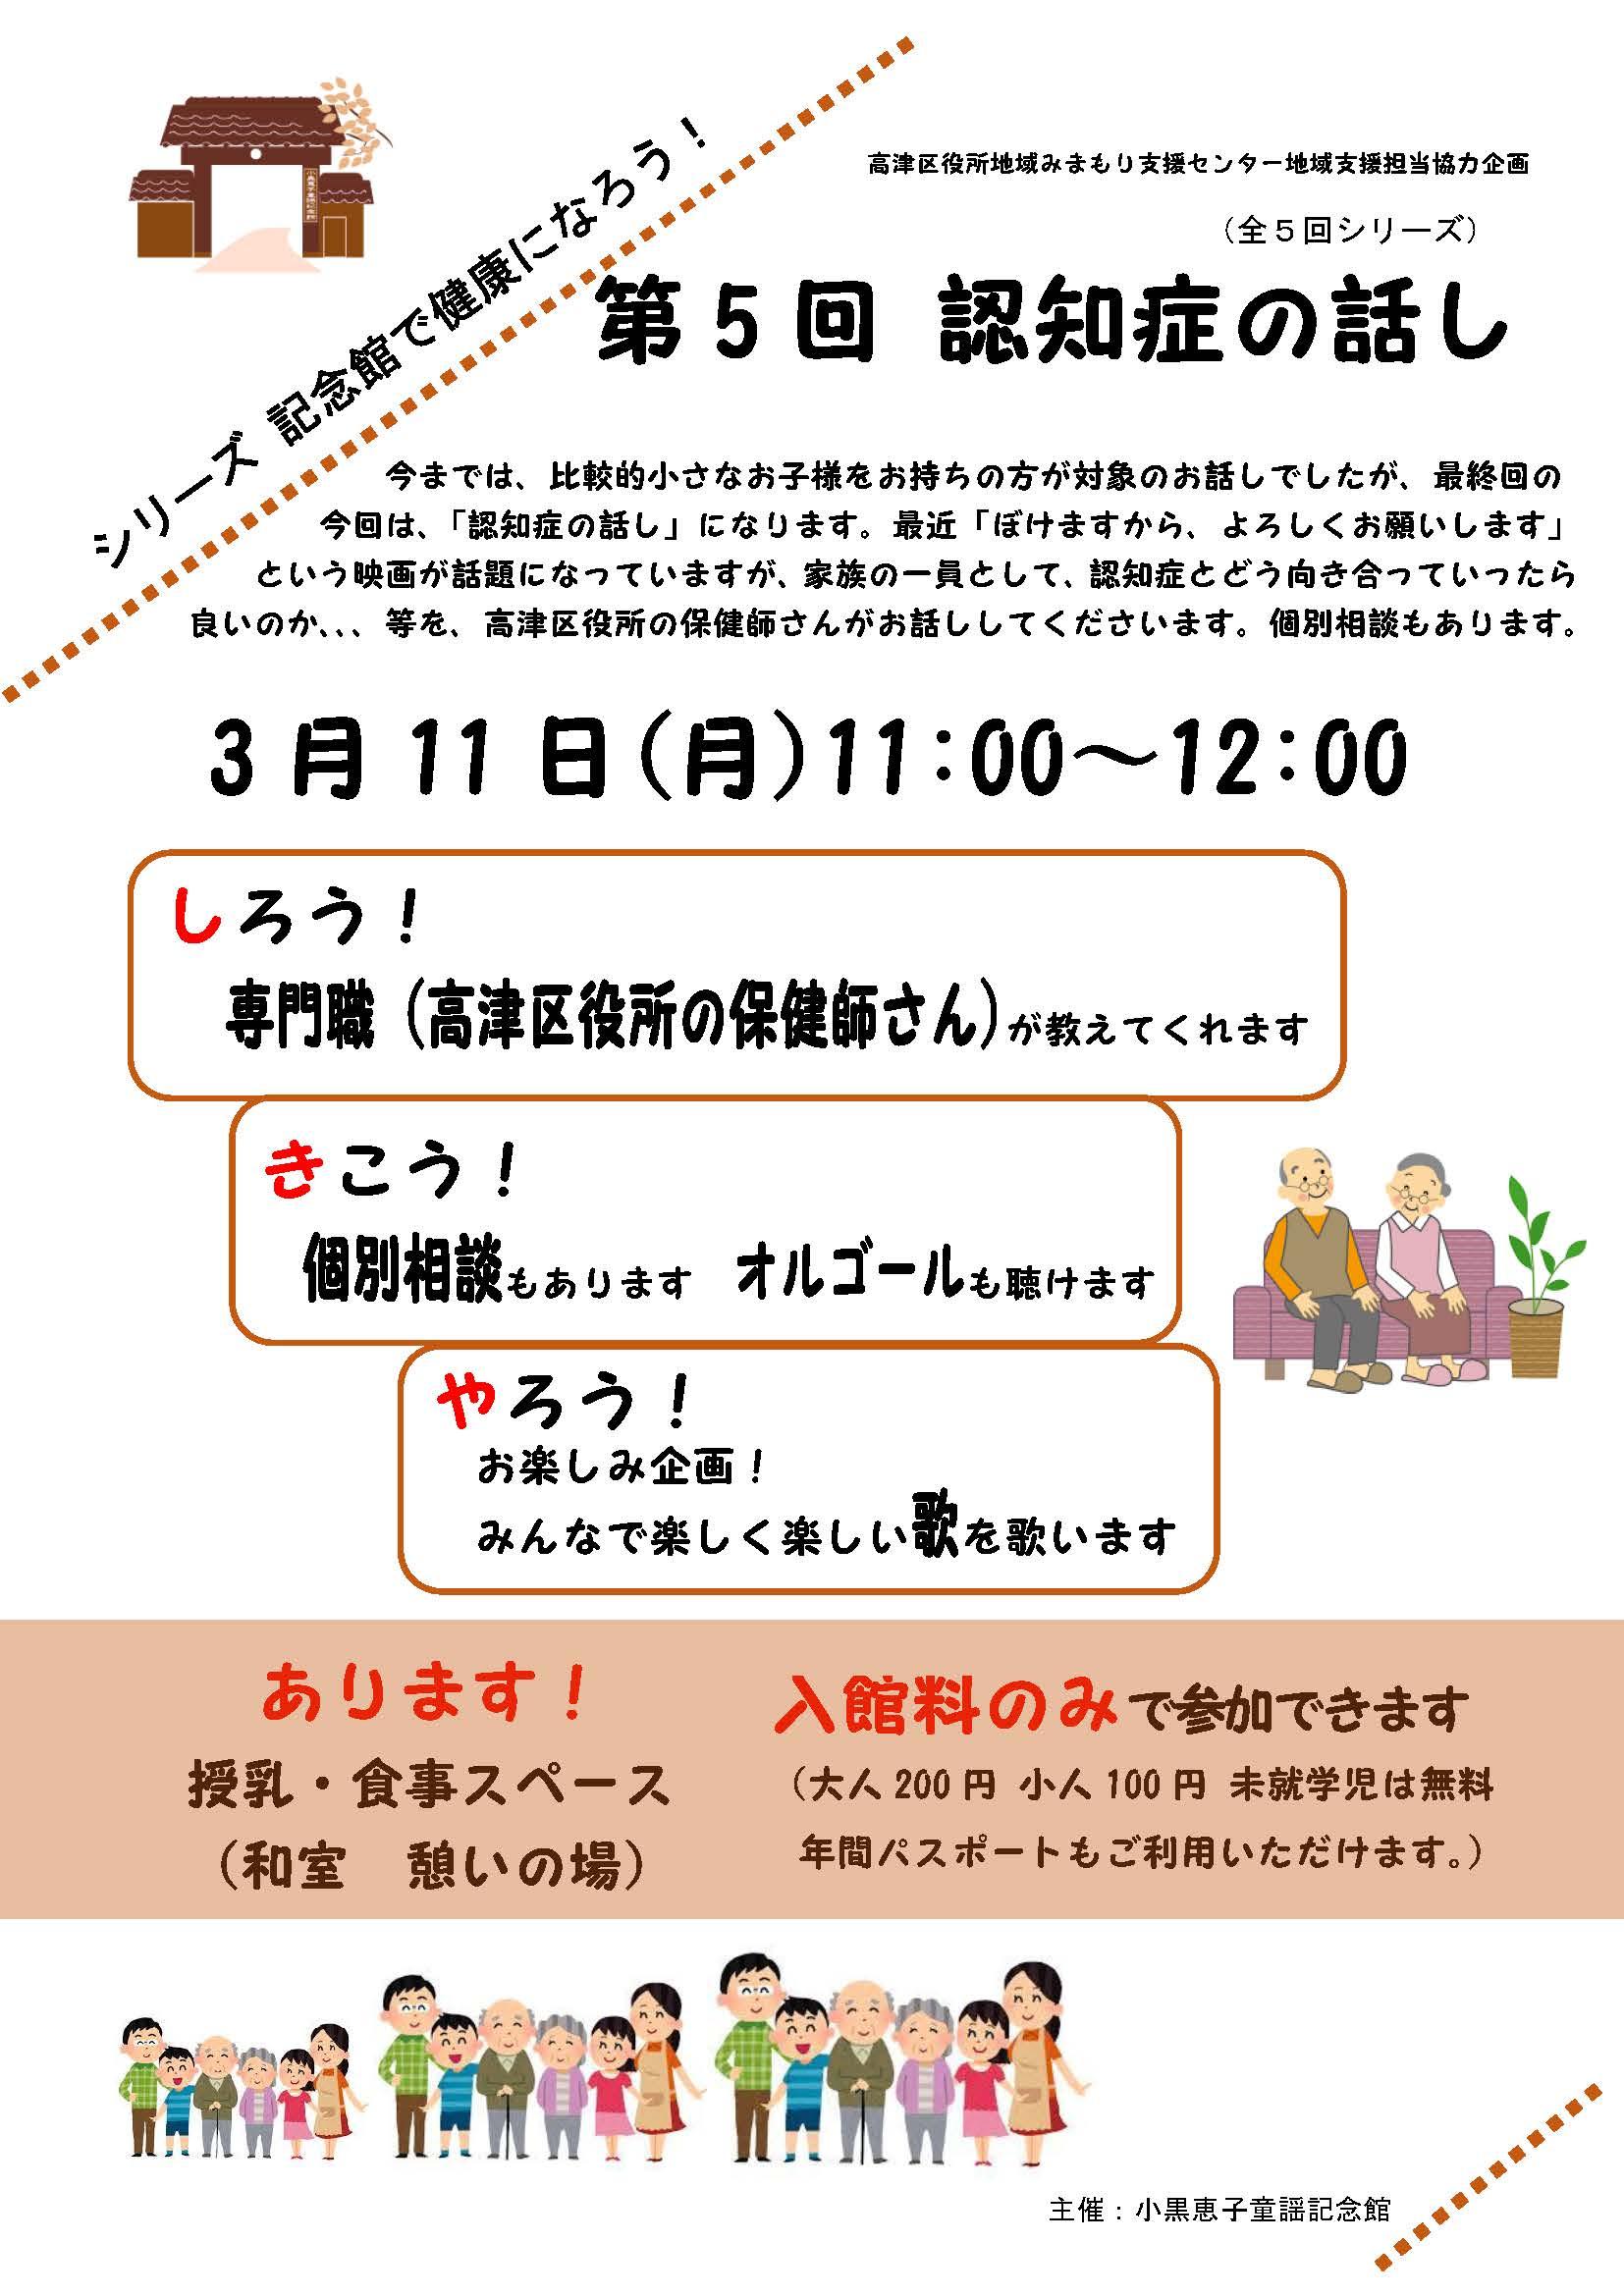 ninchi_ページ_1